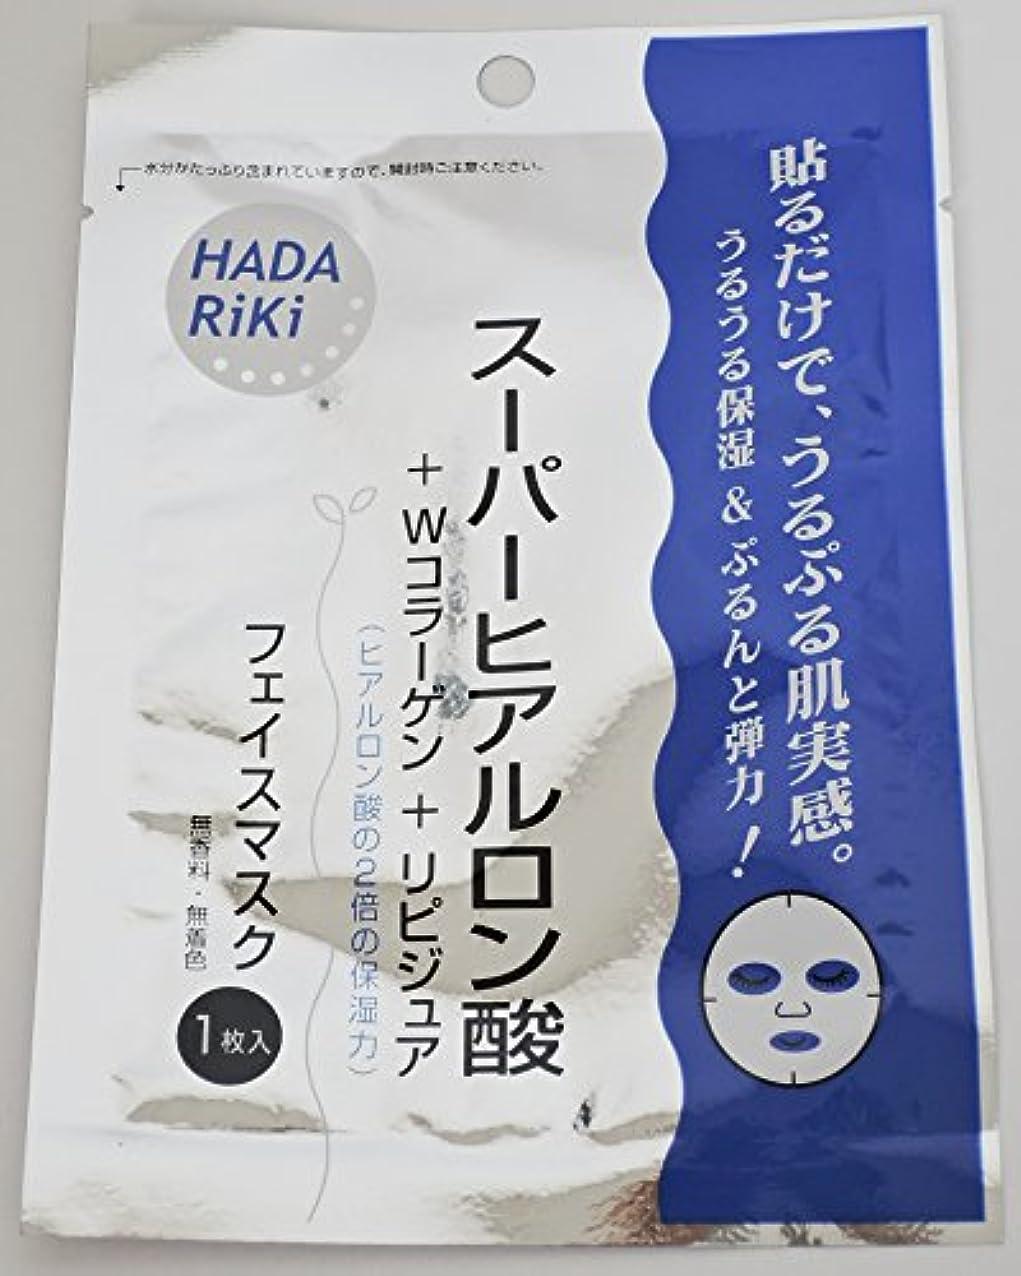 自信があるボイド合理化HADA RiKi スーパーヒアルロン酸+Wコラーゲン+リピジュア フェイスマスク 20ml